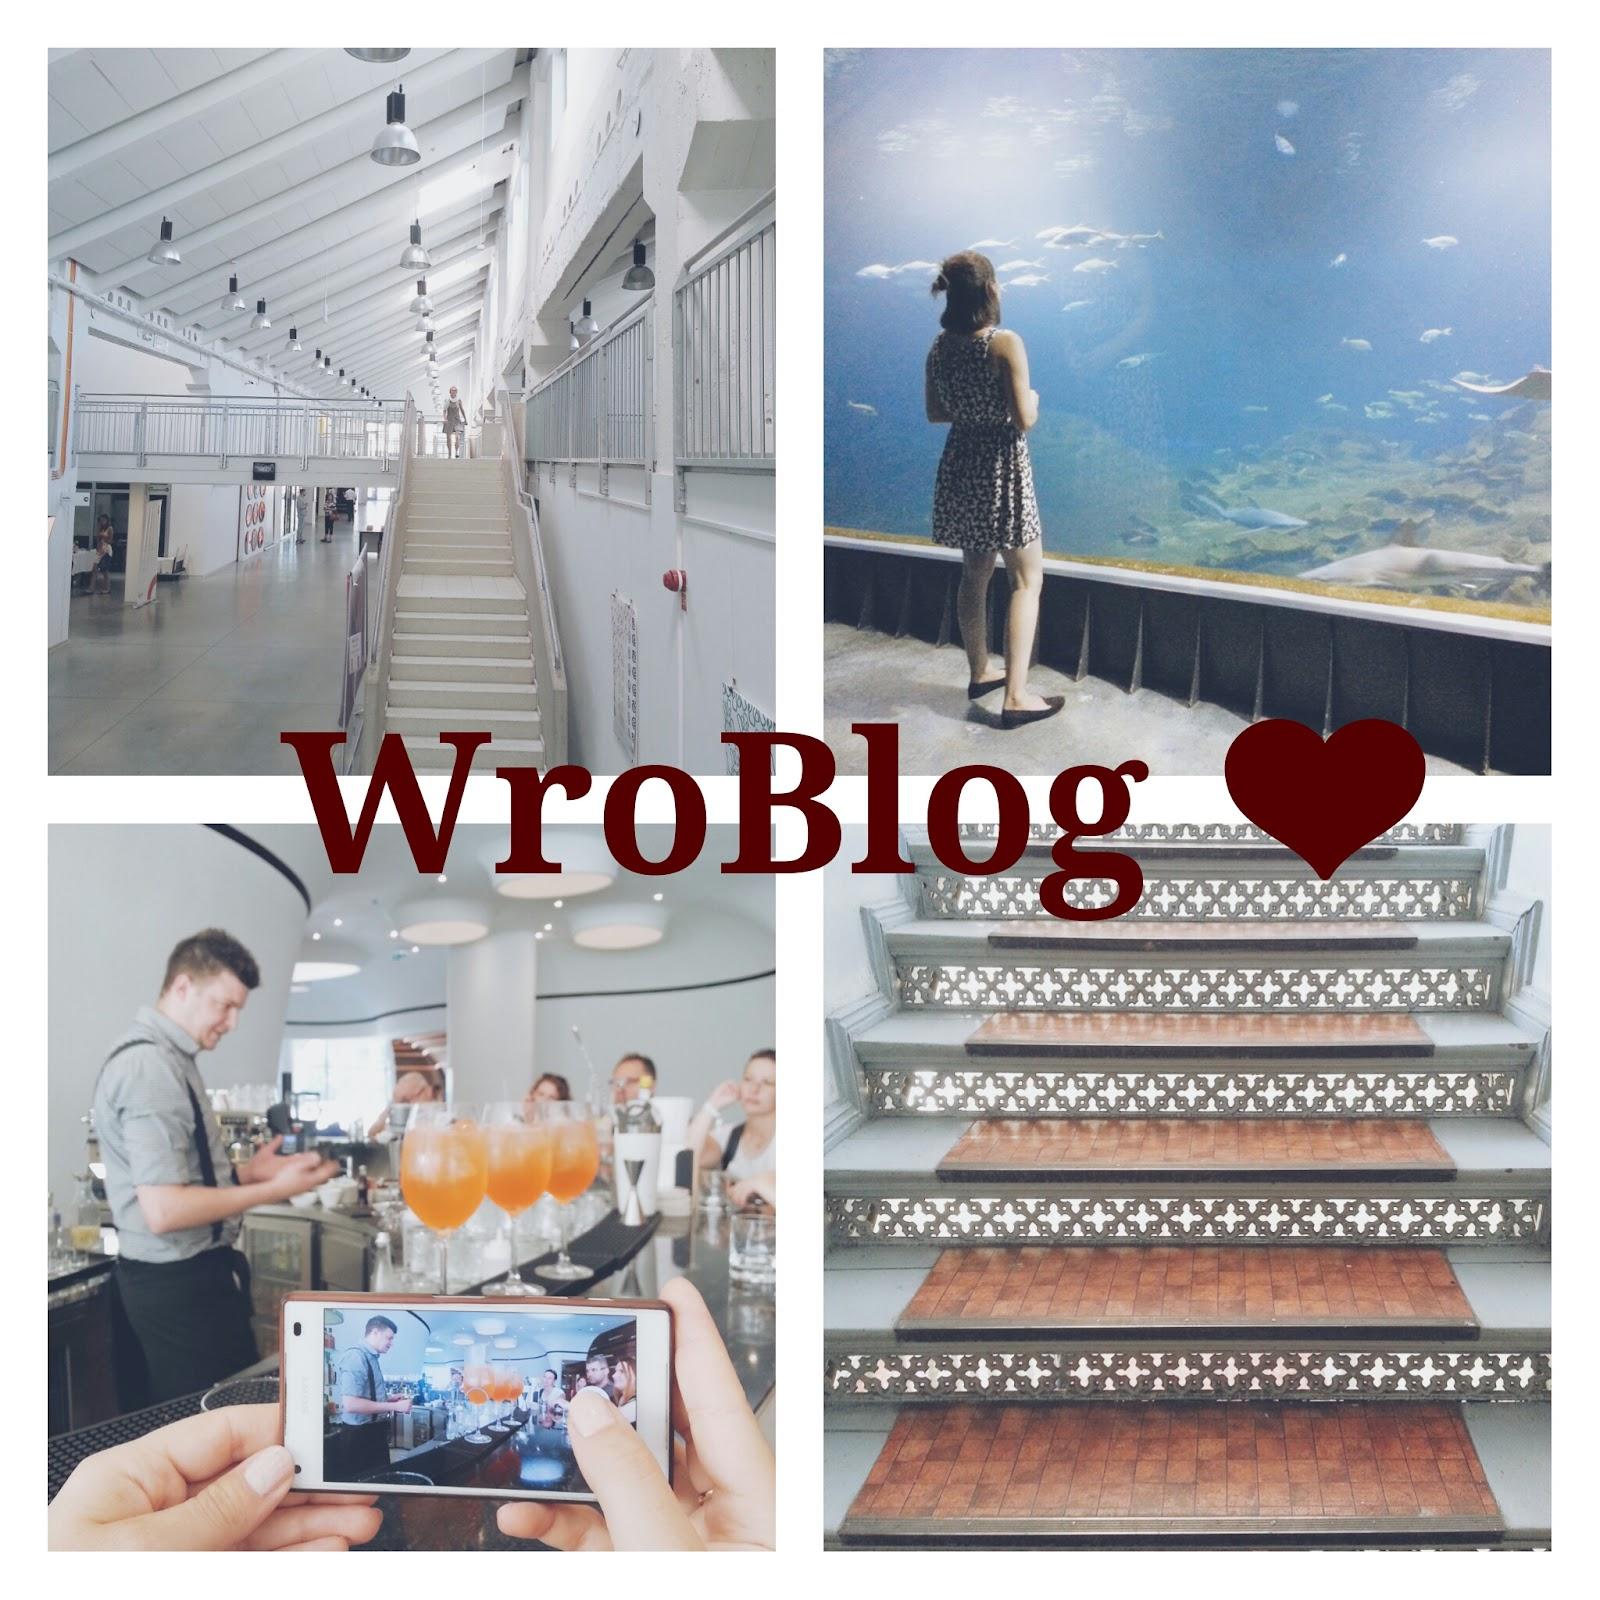 WroBlog 2016